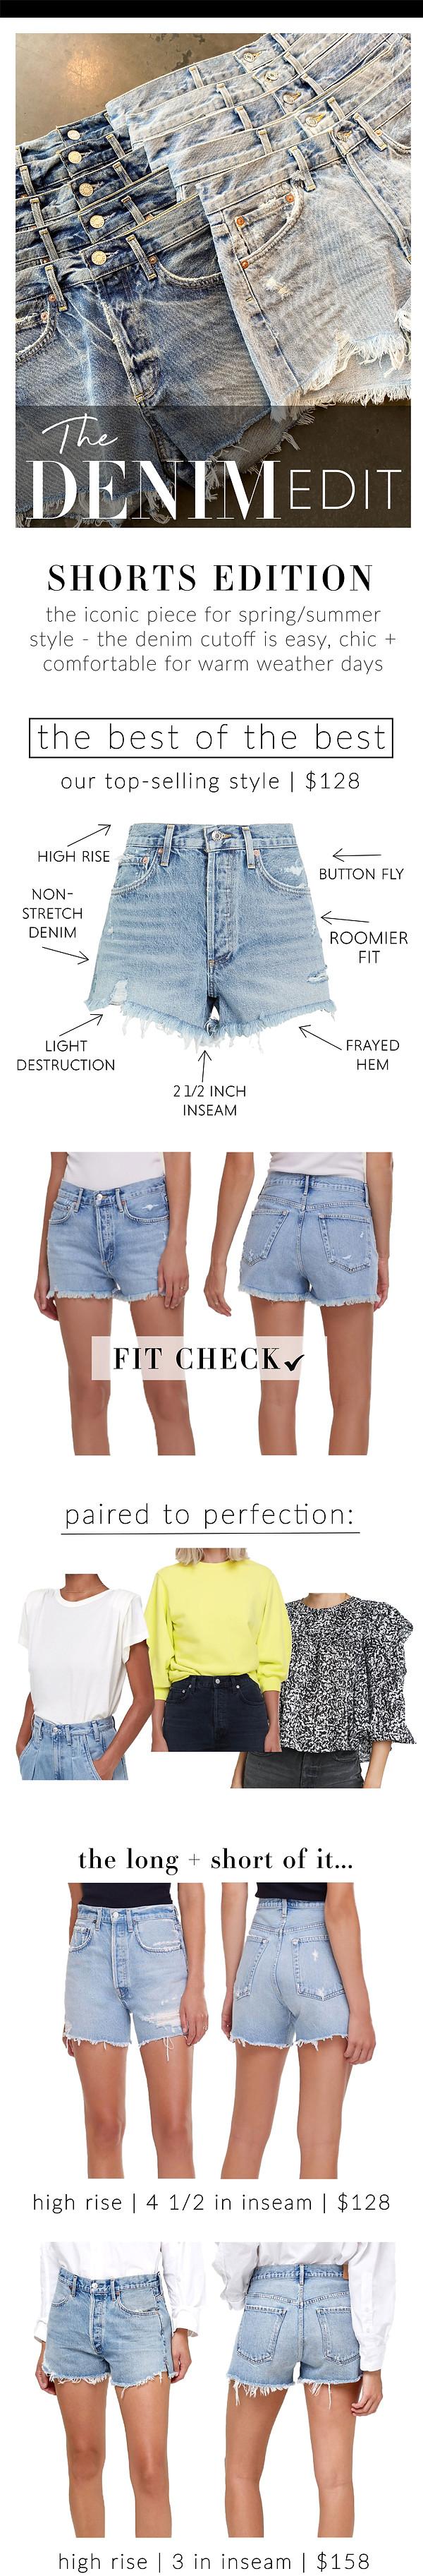 shorts-01.jpg